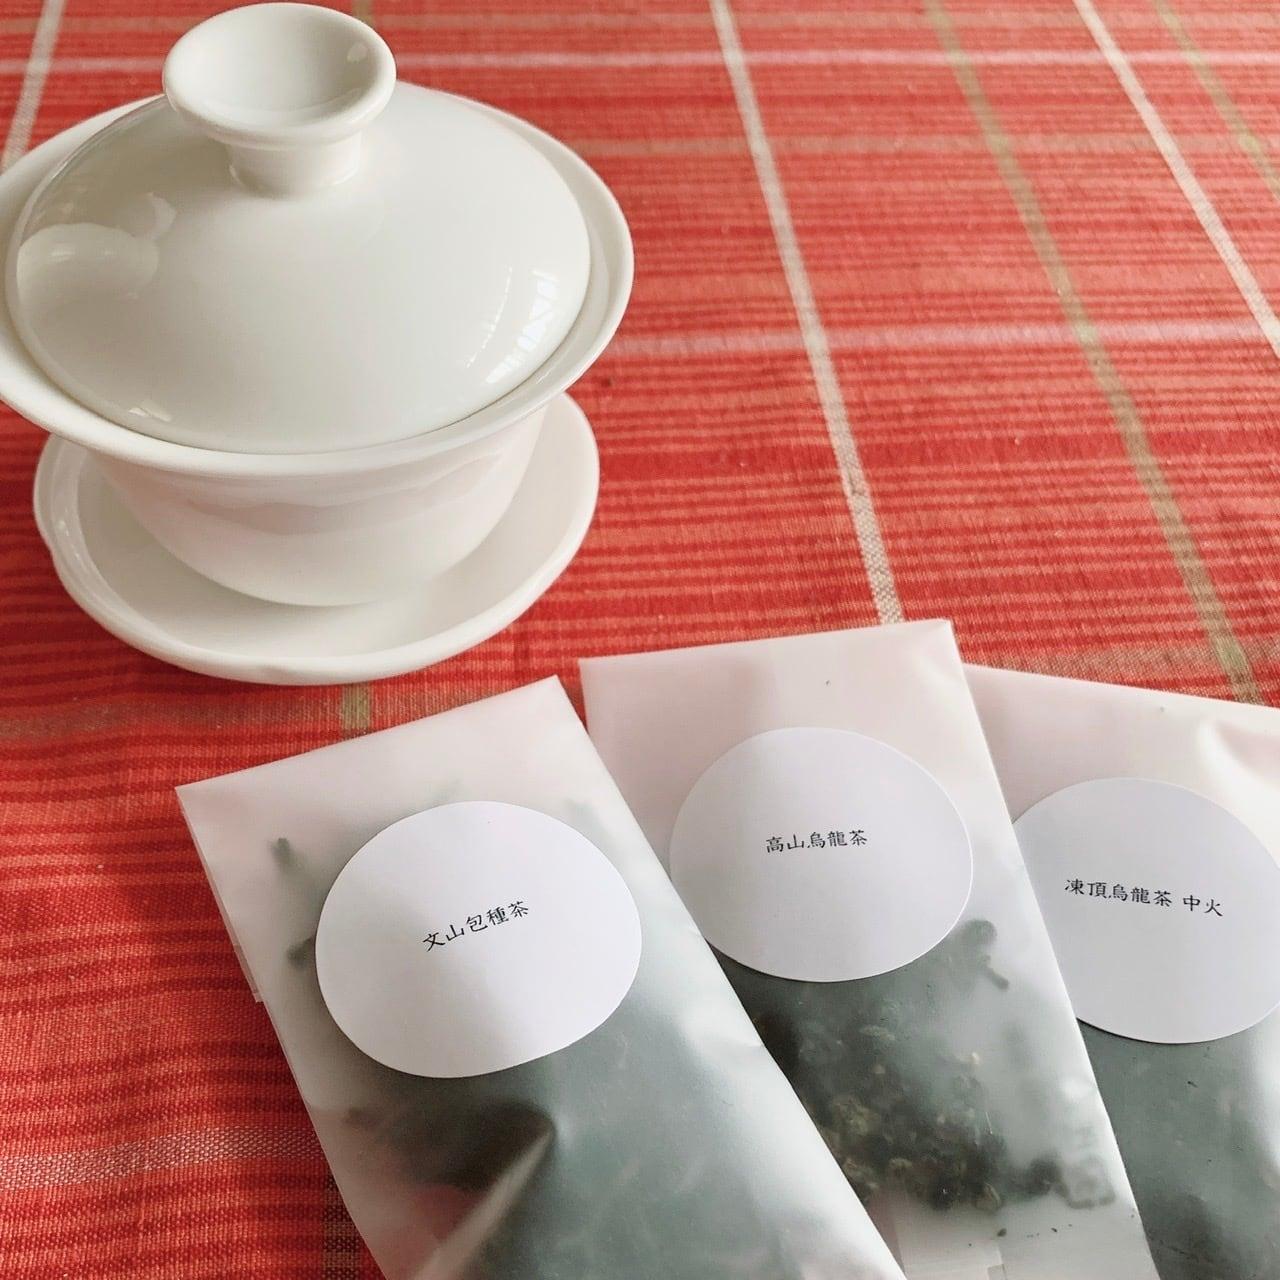 初めての方に!蓋碗と台湾茶3種おためしセット